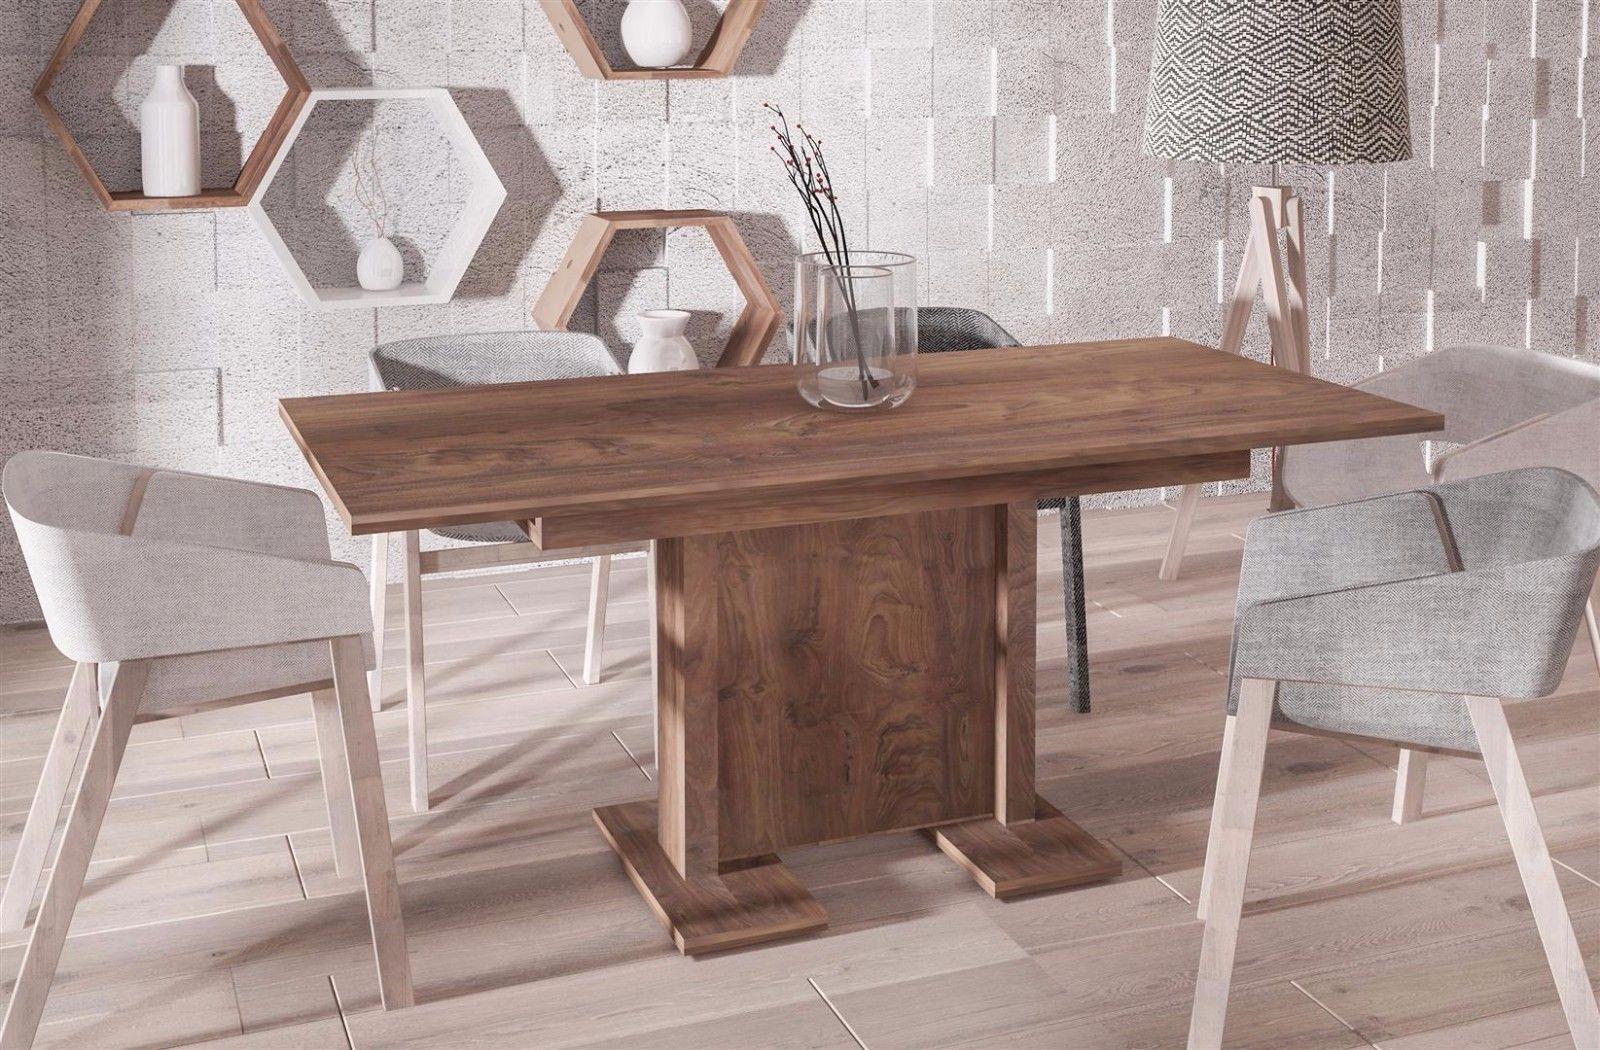 Esstisch modern günstig  hochwertiger Säulentisch nussbaum 130-210 cm ausziehbar Esstisch ...